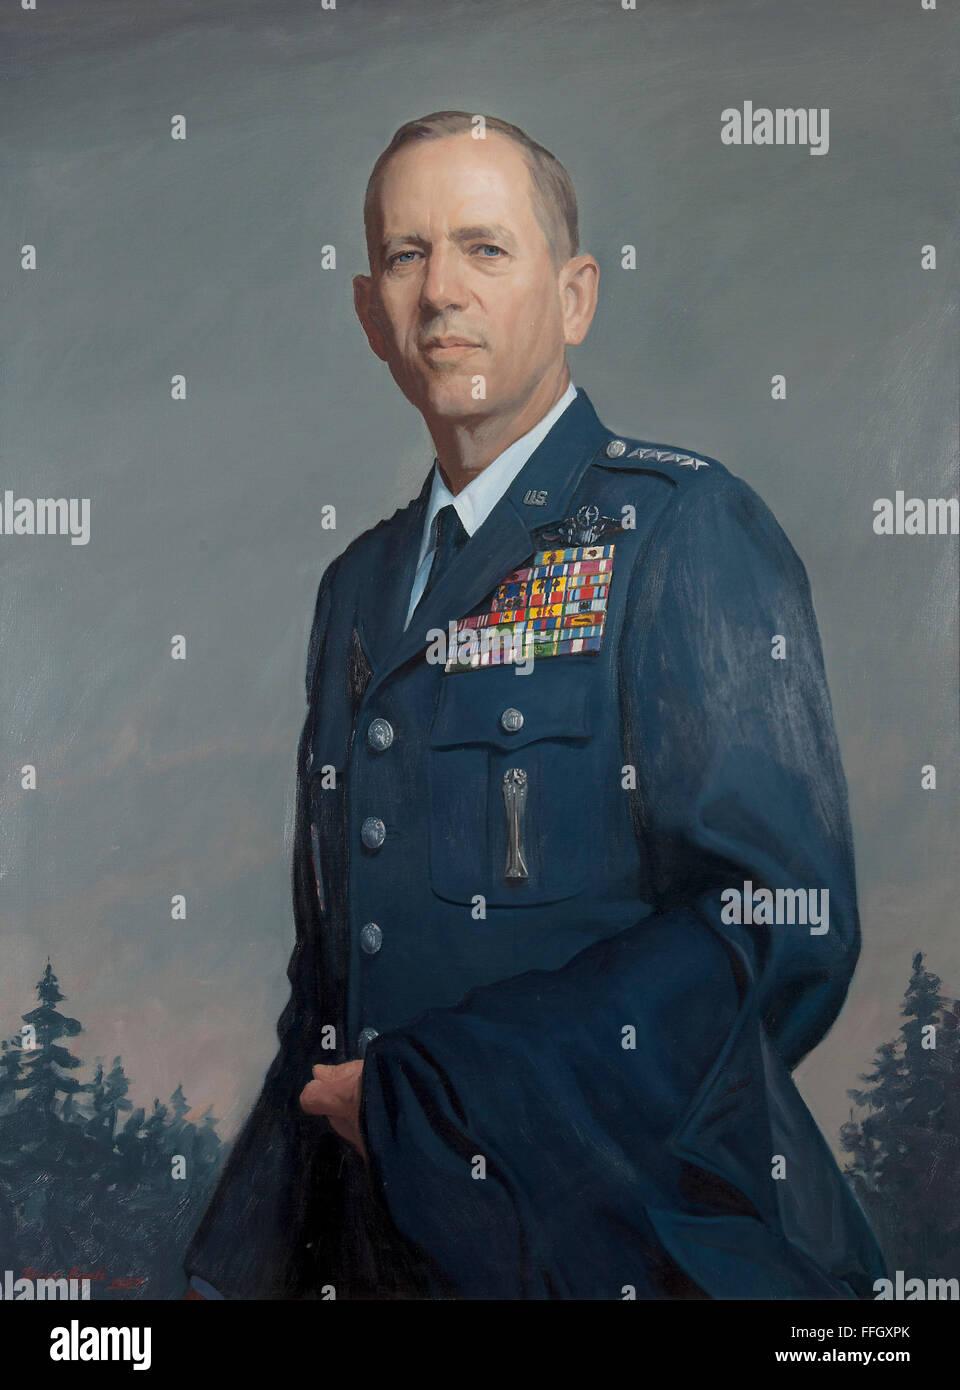 Larry D. Welch 1 Luglio 1986 - 30 giugno 1990 ex National Guardsman e Air Force ha arruolato stati Larry D. Welch Immagini Stock